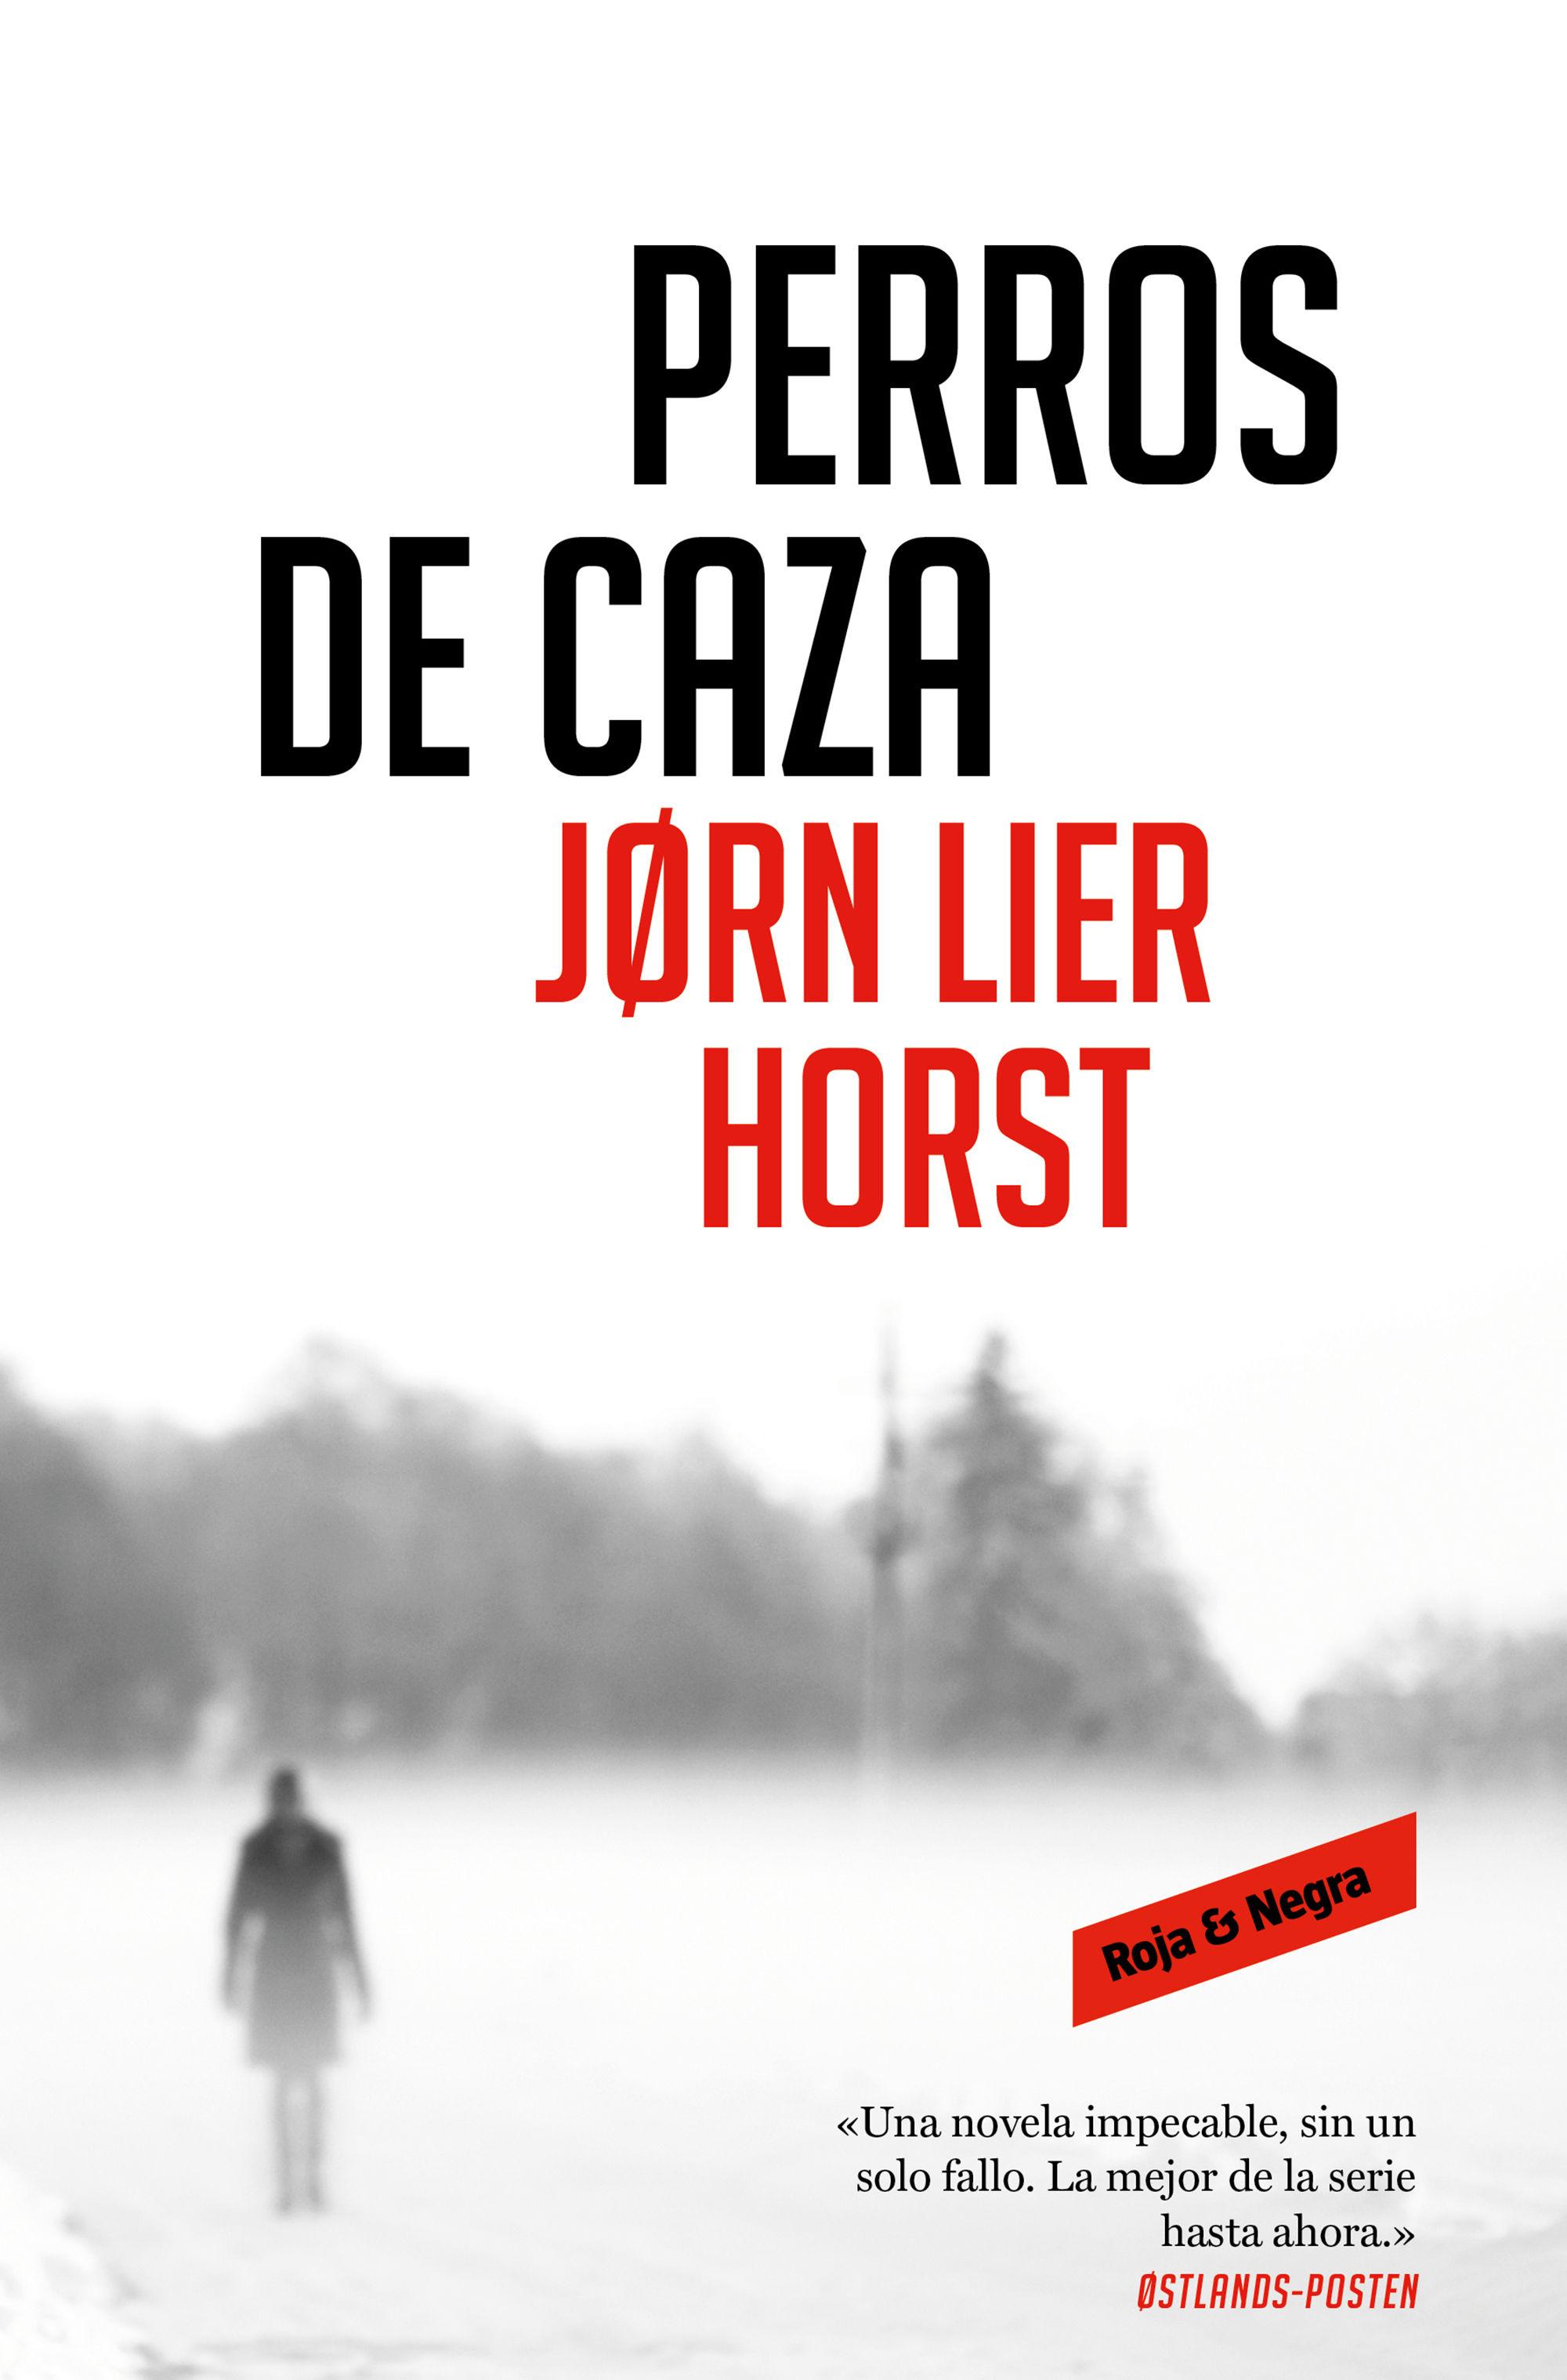 PERROS DE CAZA CUARTETO WISTING 2